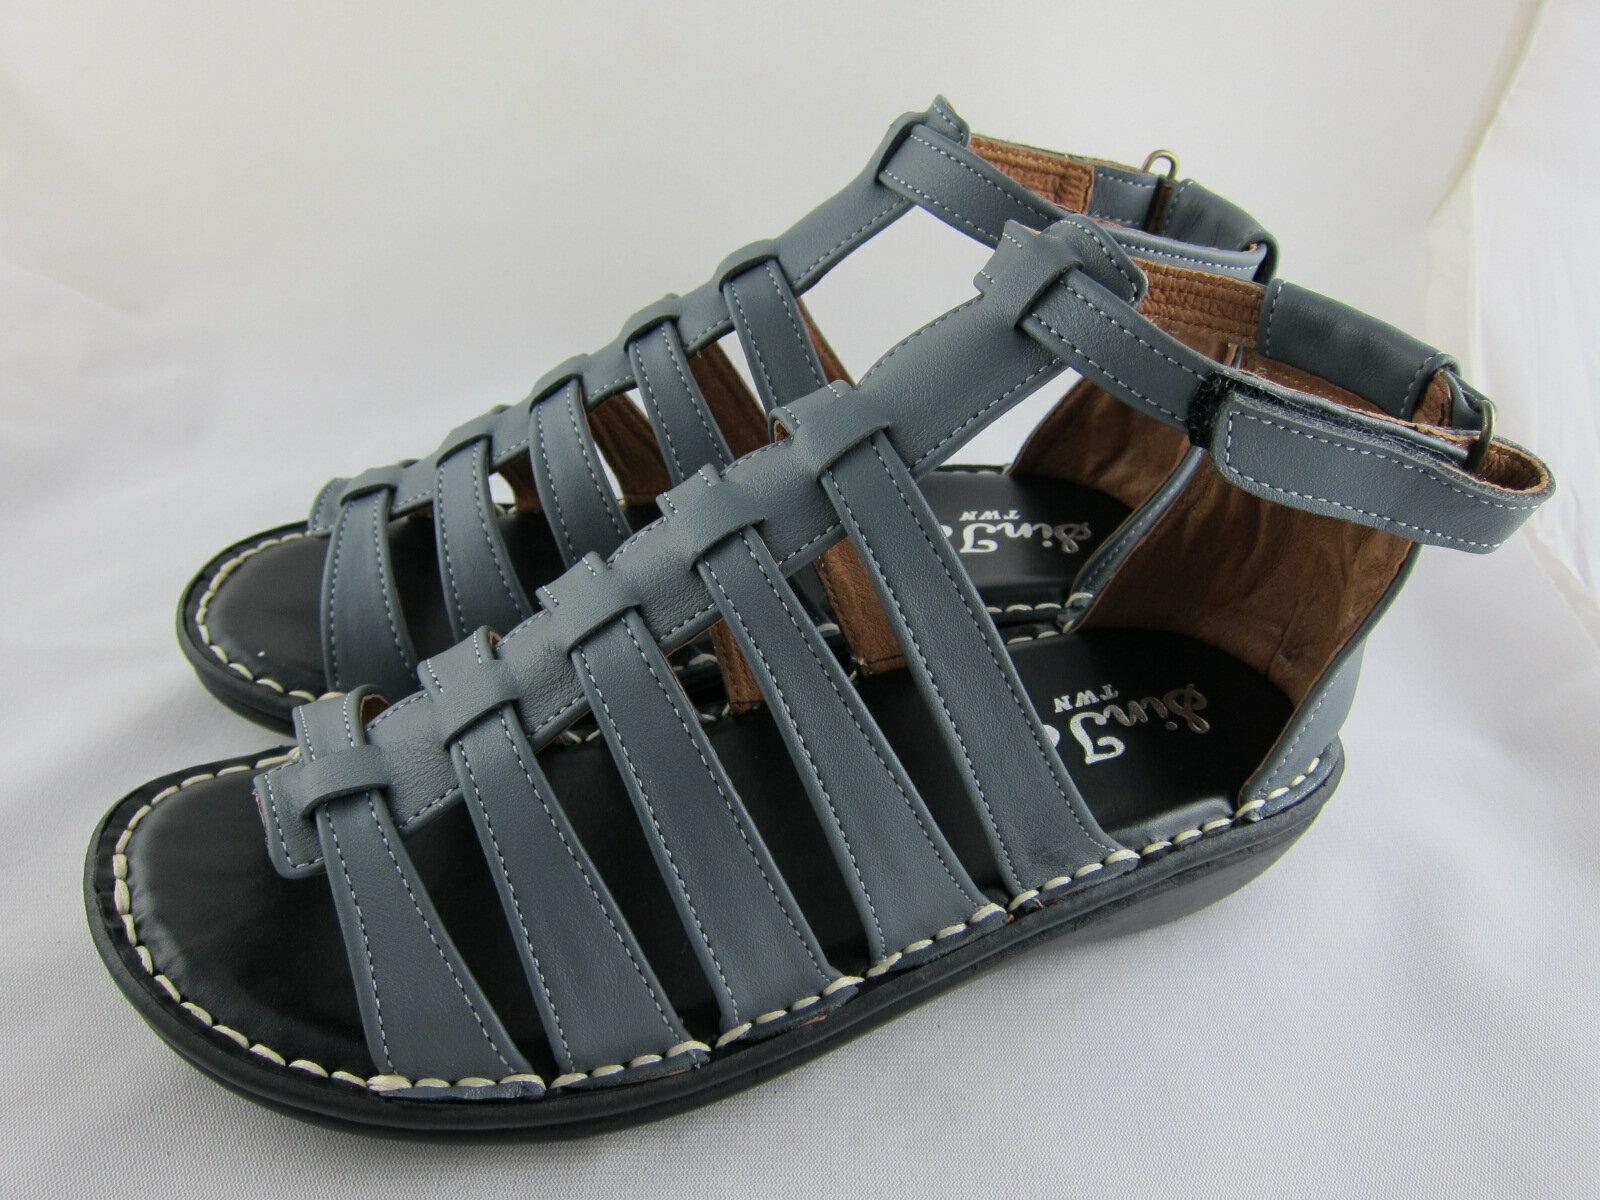 真皮工坊~羅馬鞋*穿過的都說讚【C7004】比氣墊鞋好穿*保證真皮㊣牛皮手工涼鞋【顏色多種可自選、顏色挑選請參考首頁】